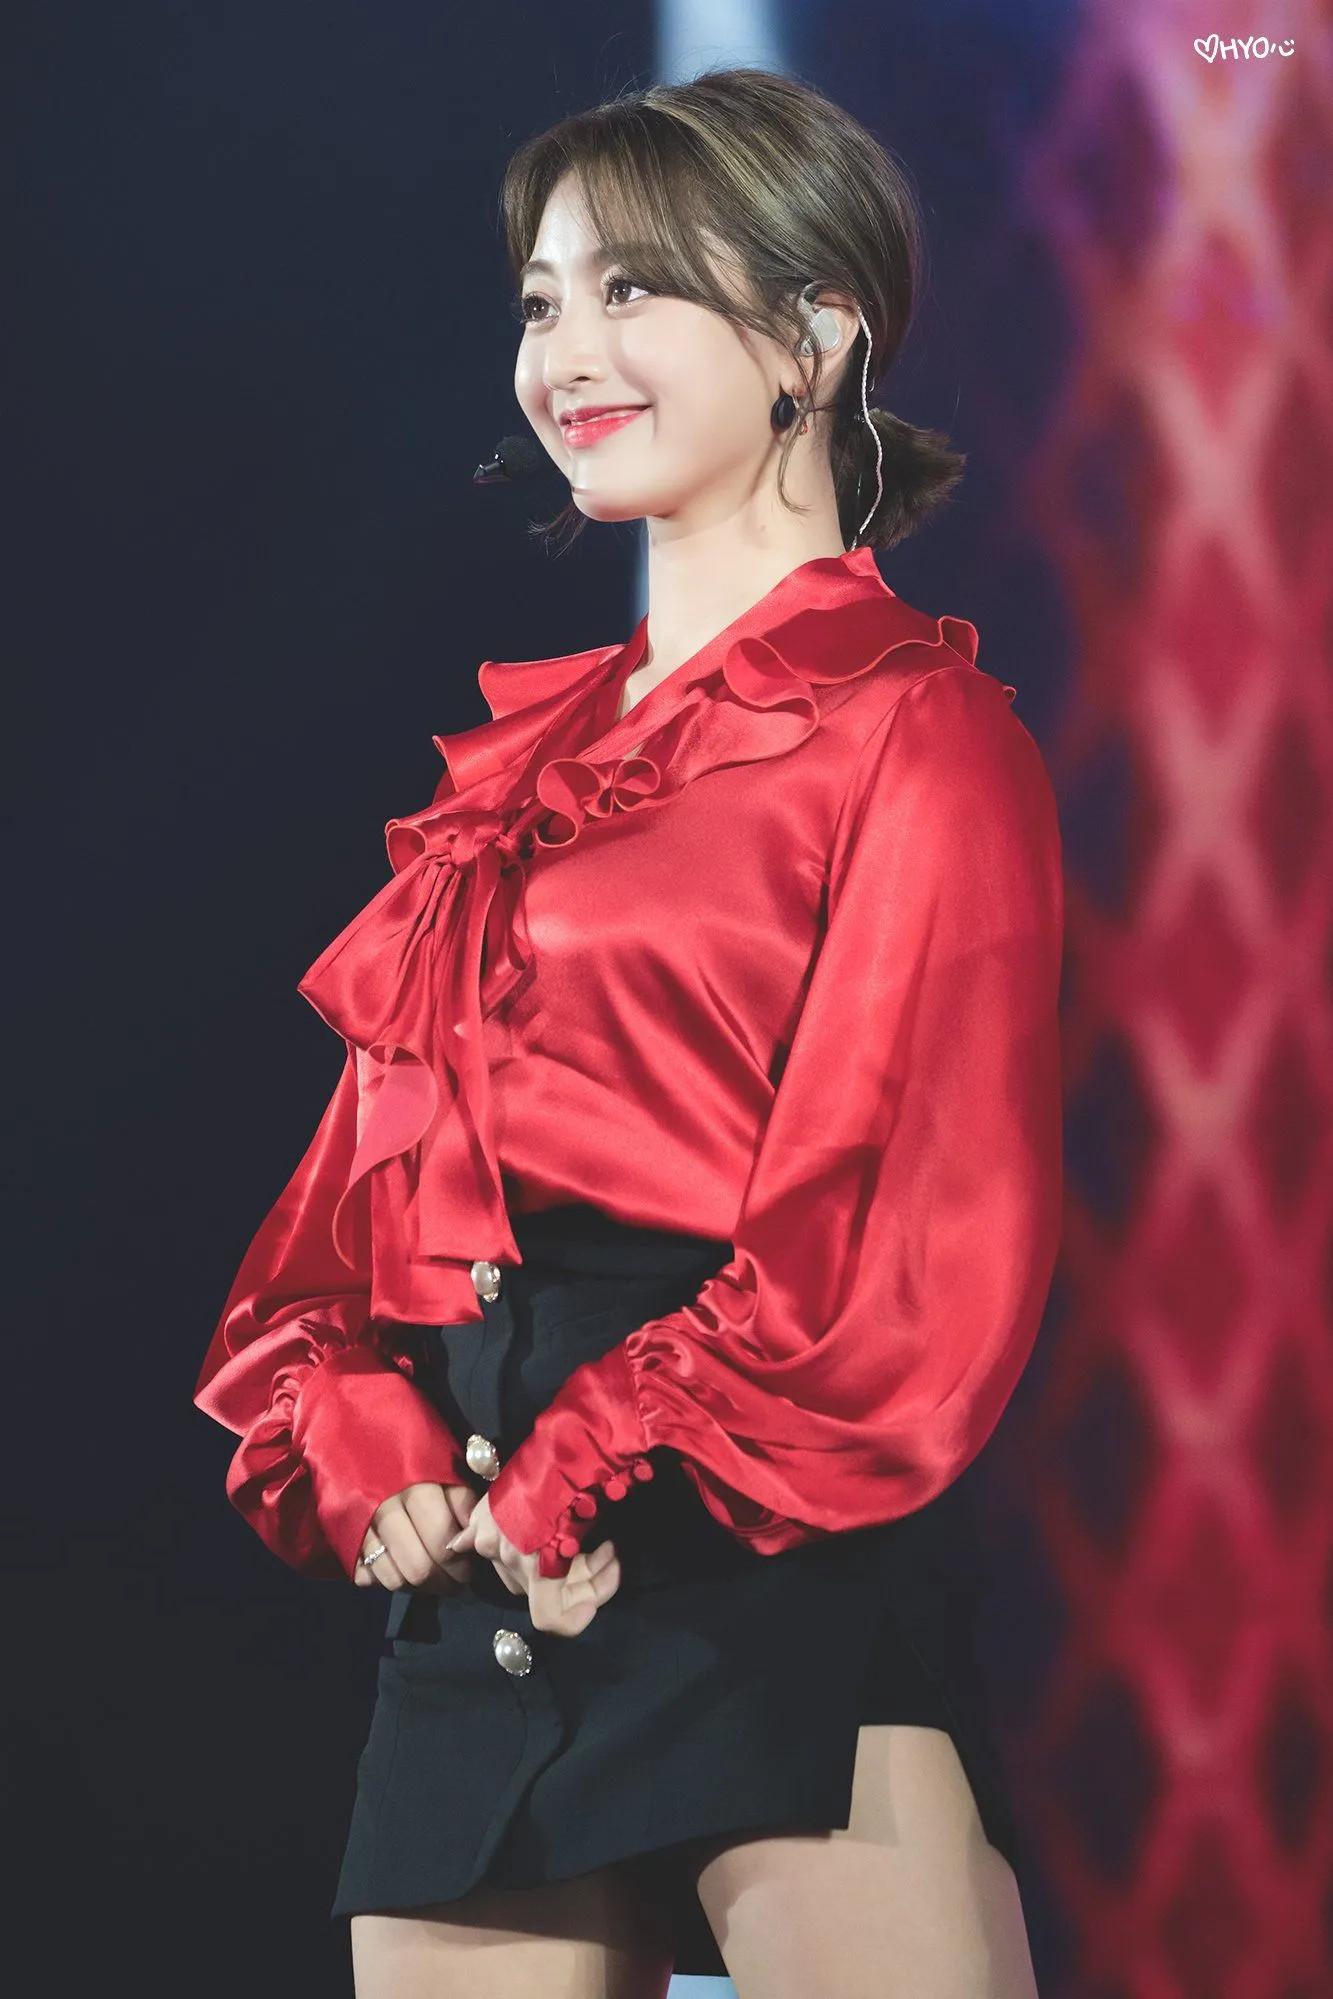 セクシーな赤色のサテンドレスを着てるTWICEジヒョ14